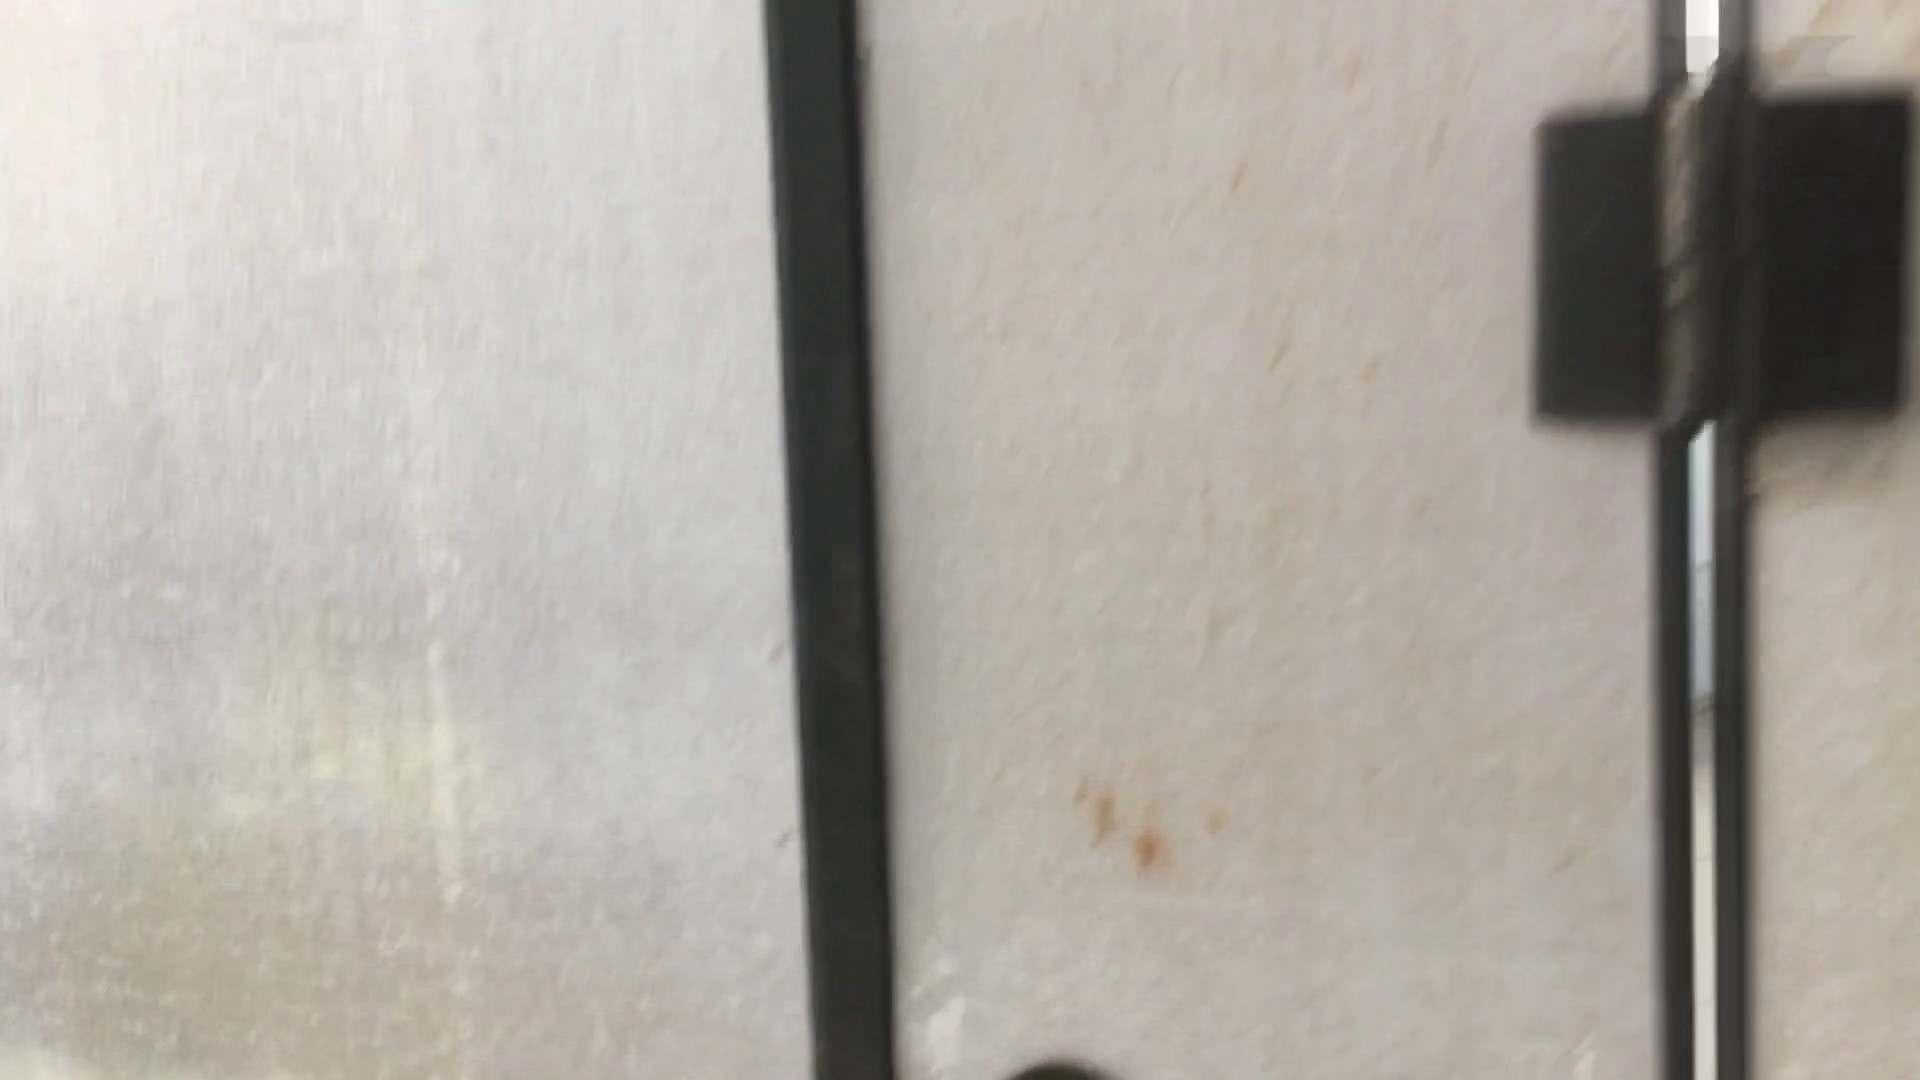 芸術大学ガチ潜入盗sati JD盗撮 美女の洗面所の秘密 Vol.95 洗面所 アダルト動画キャプチャ 68pic 38